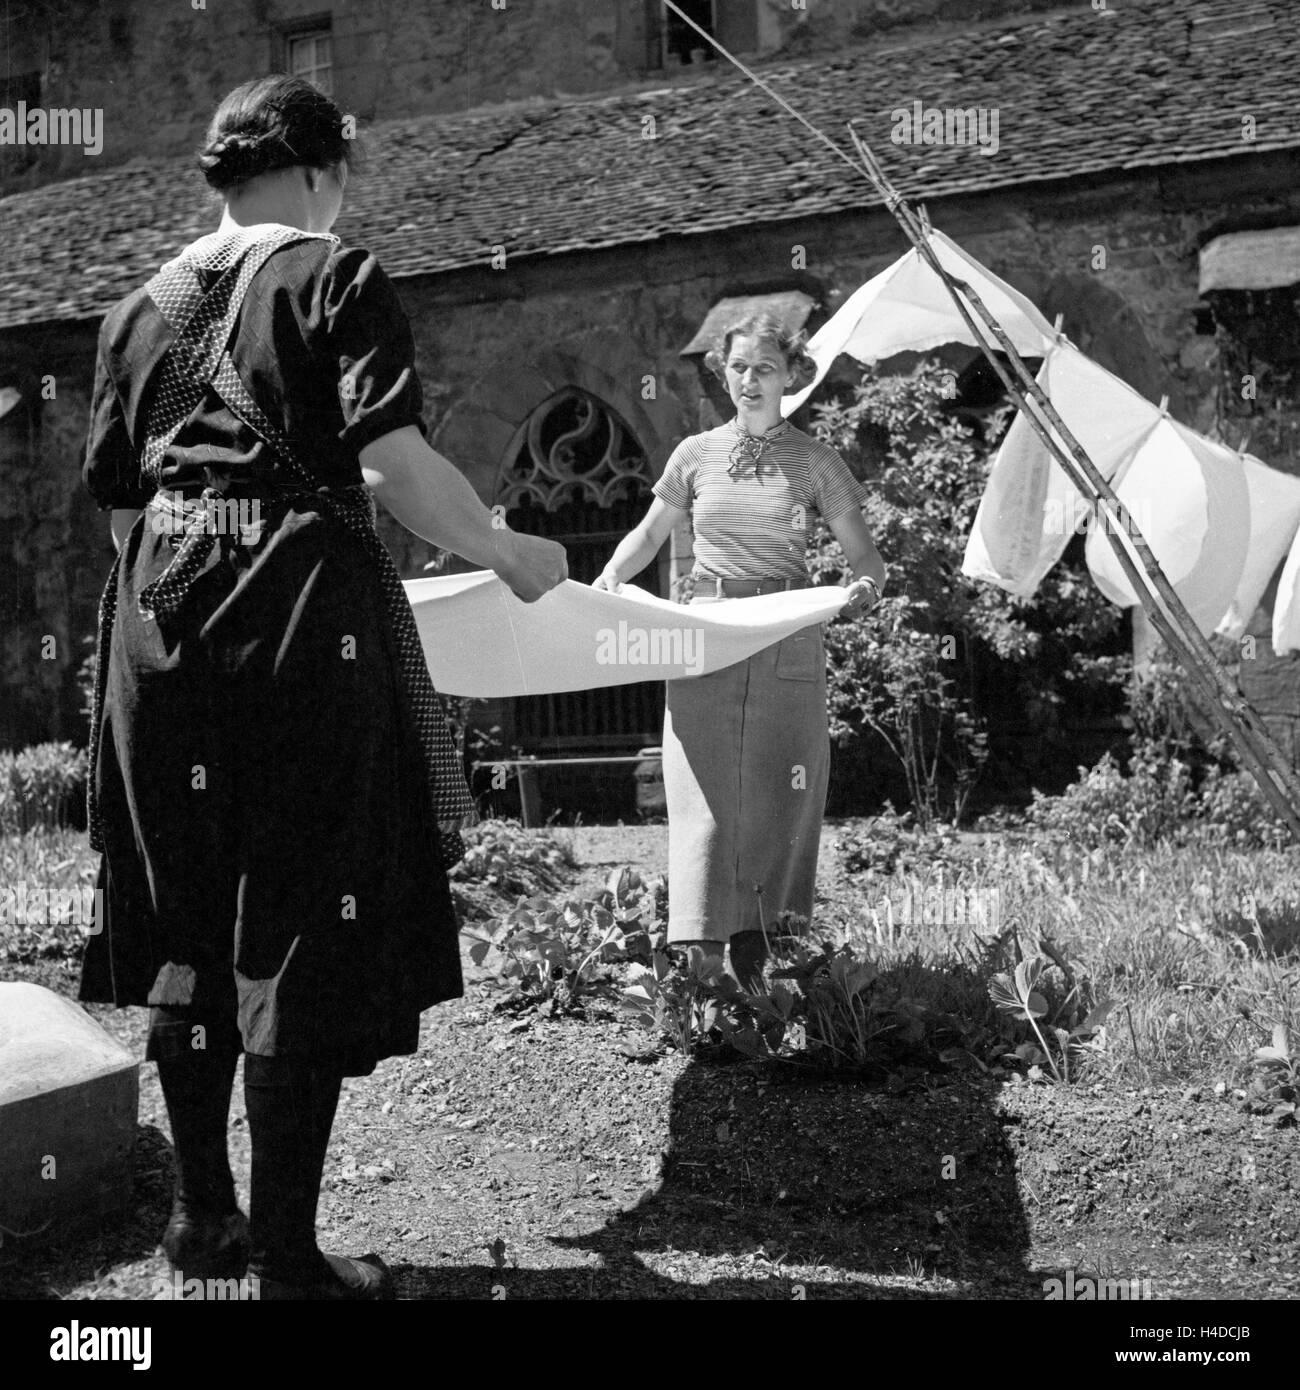 Zwei Frauen beim Wäsche aufhängen, Deutschland 1930er